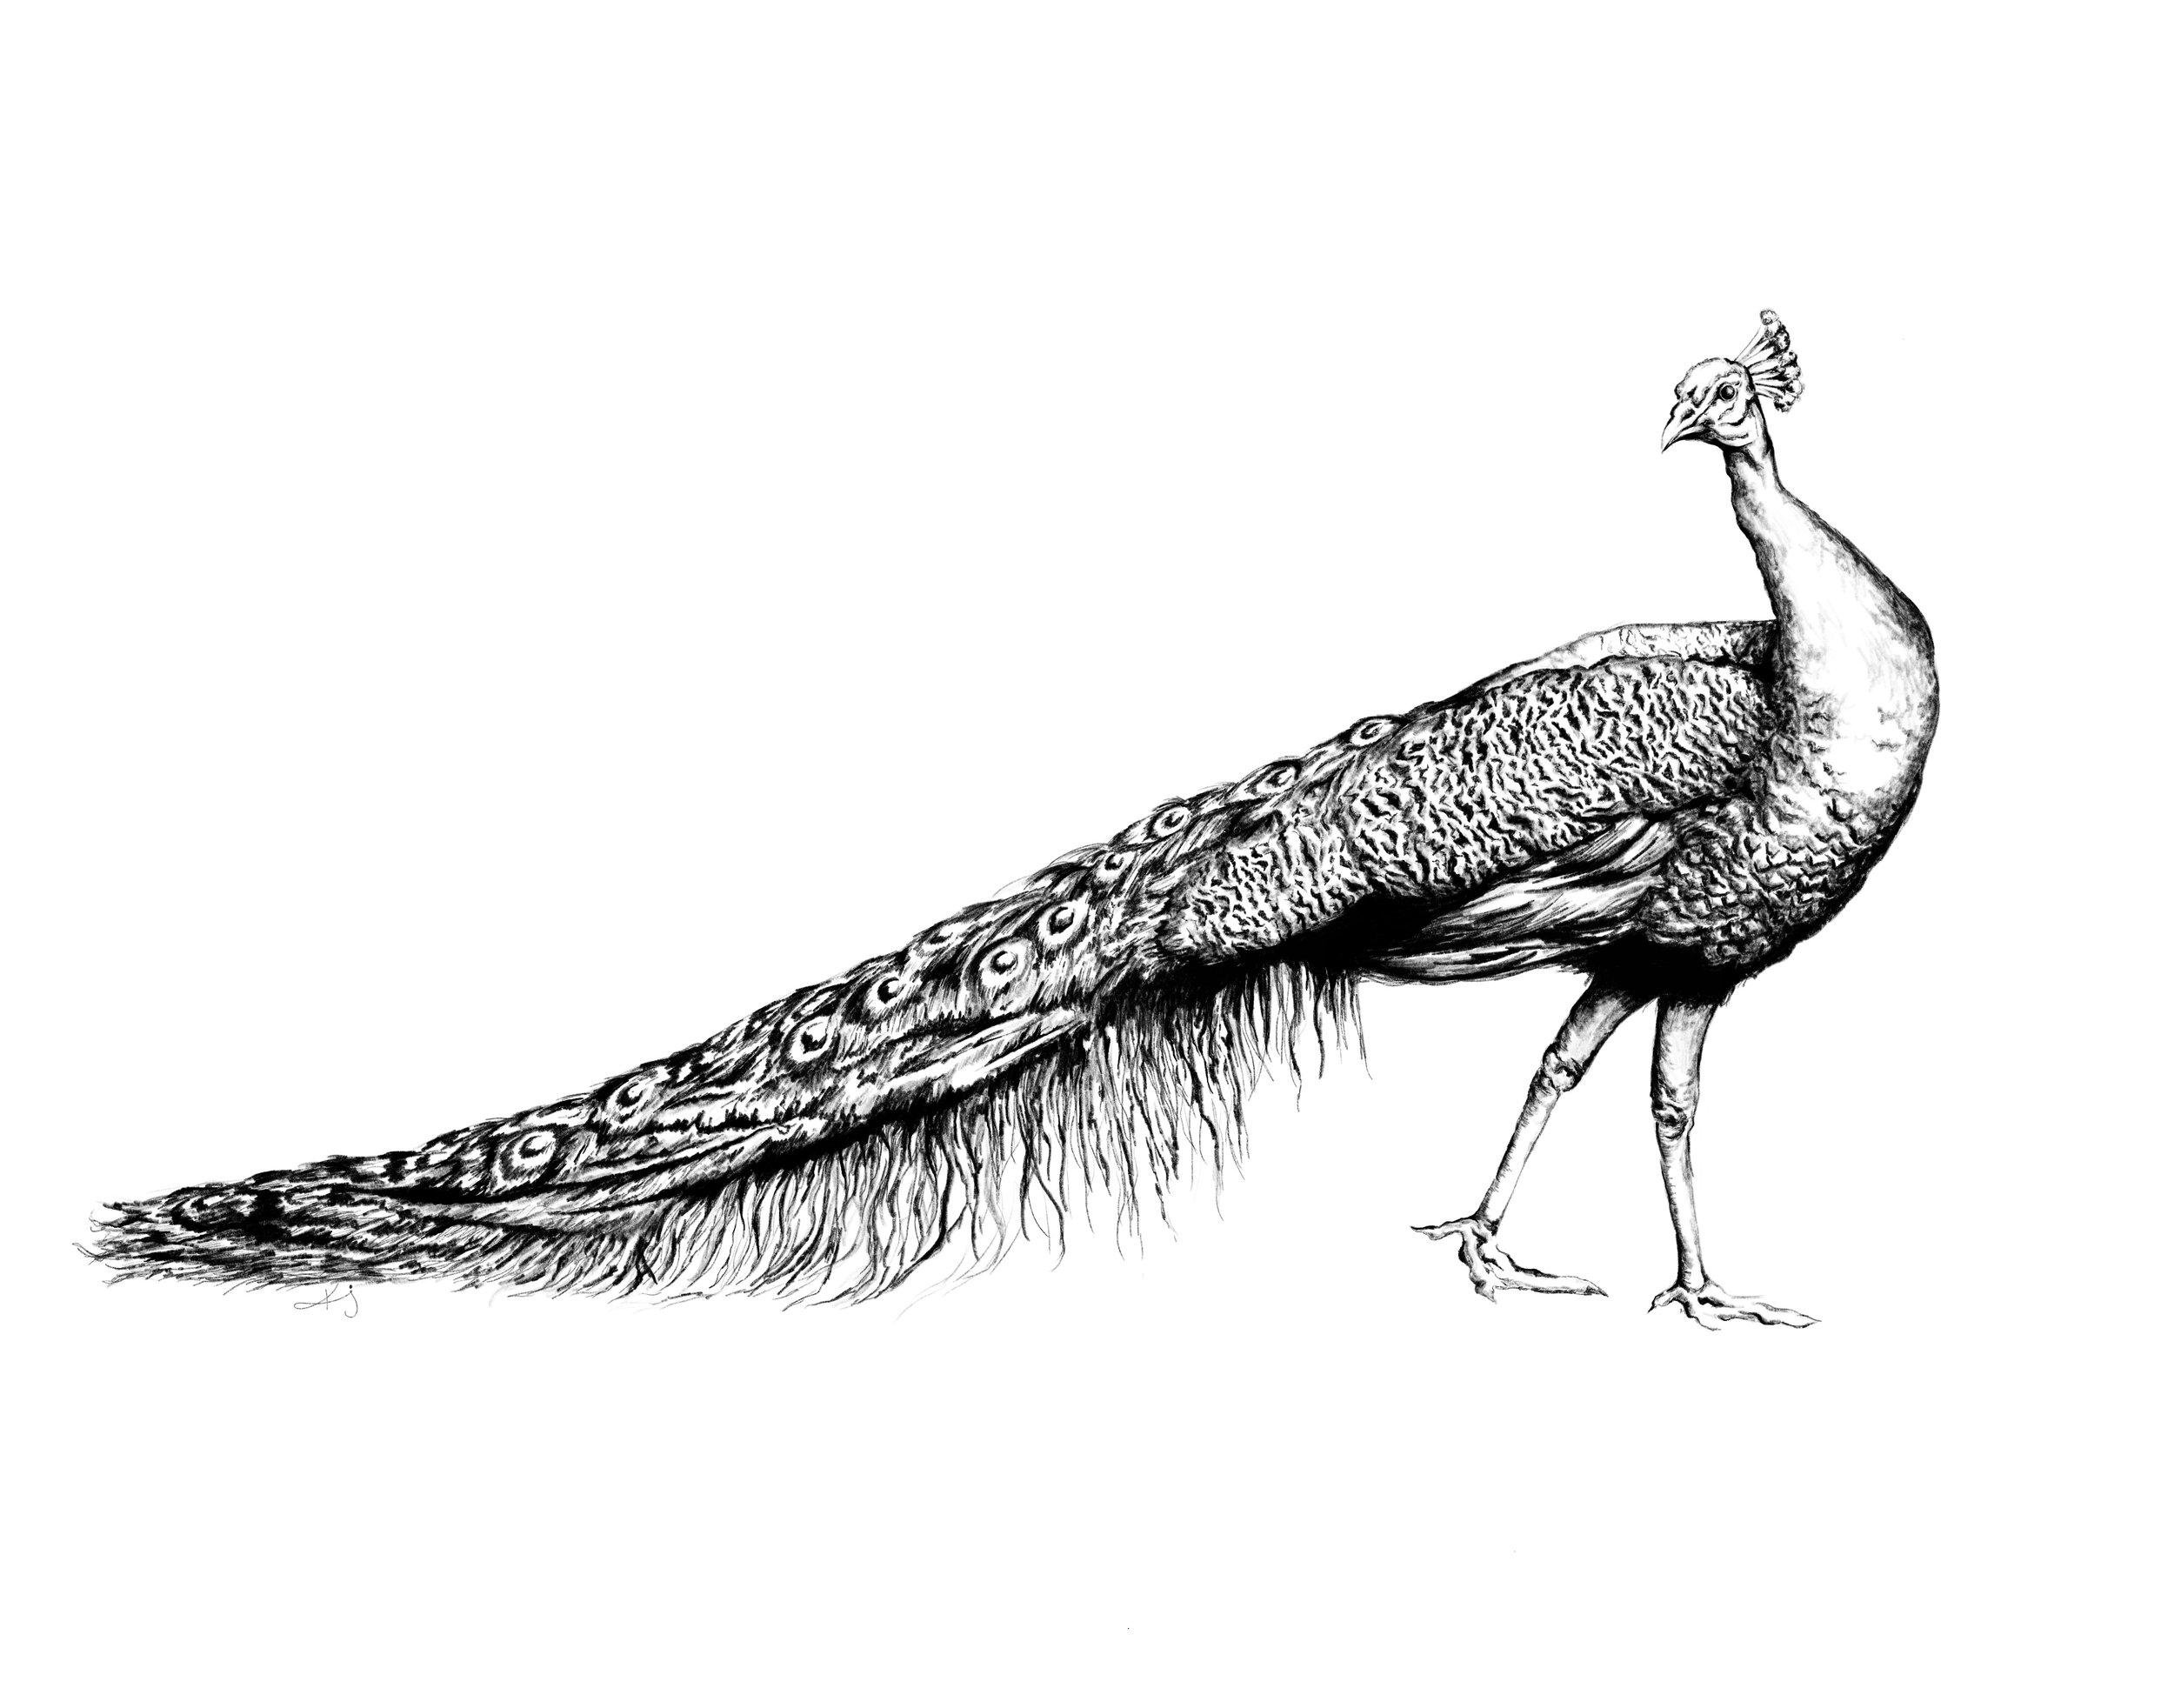 GHD Peacock.JPG